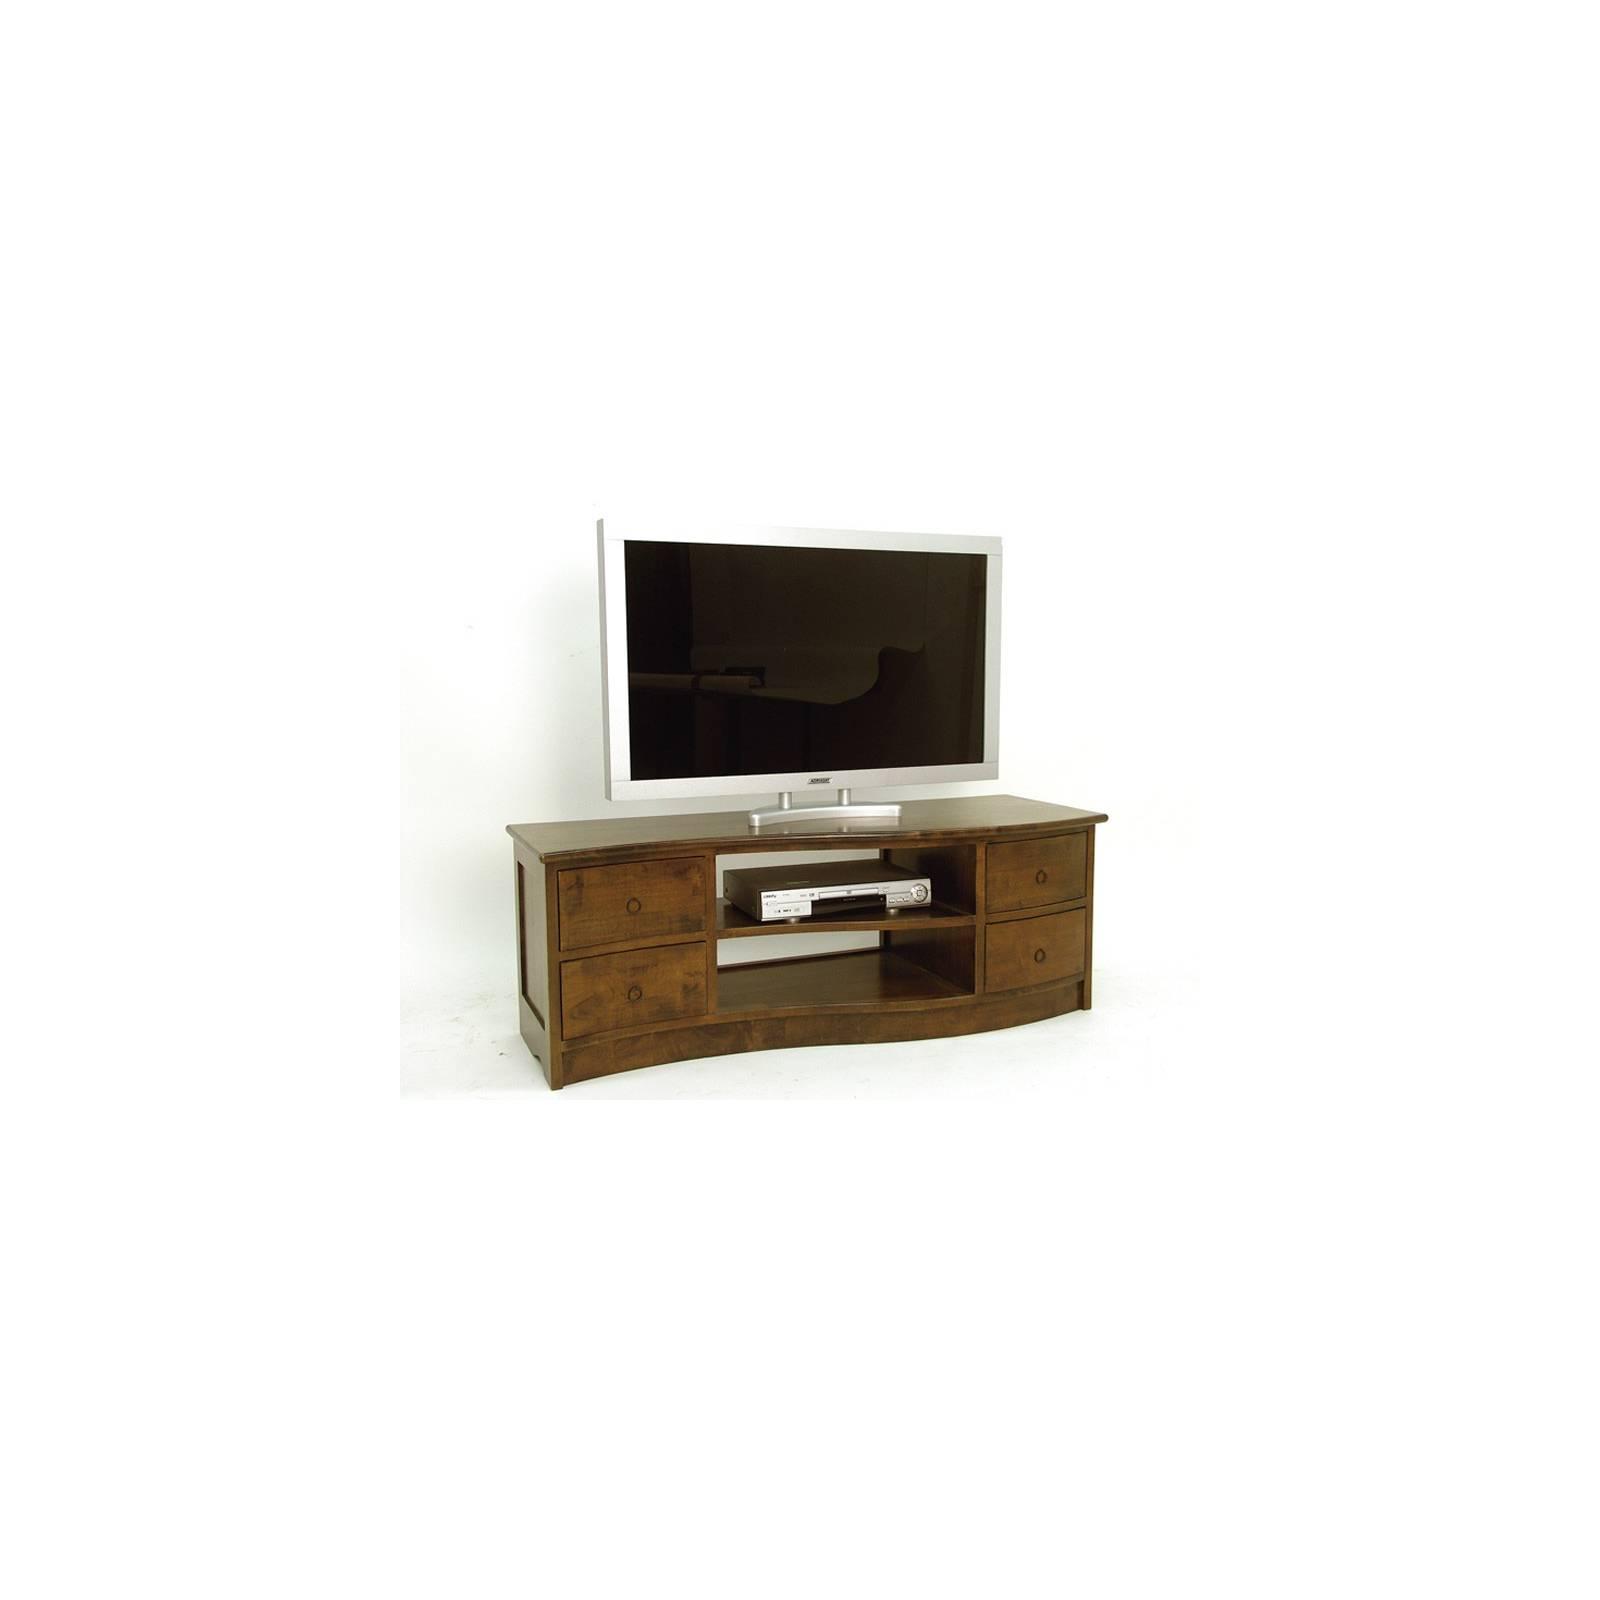 Meuble Tv Vague Oceania Hévéa - meuble style colonial